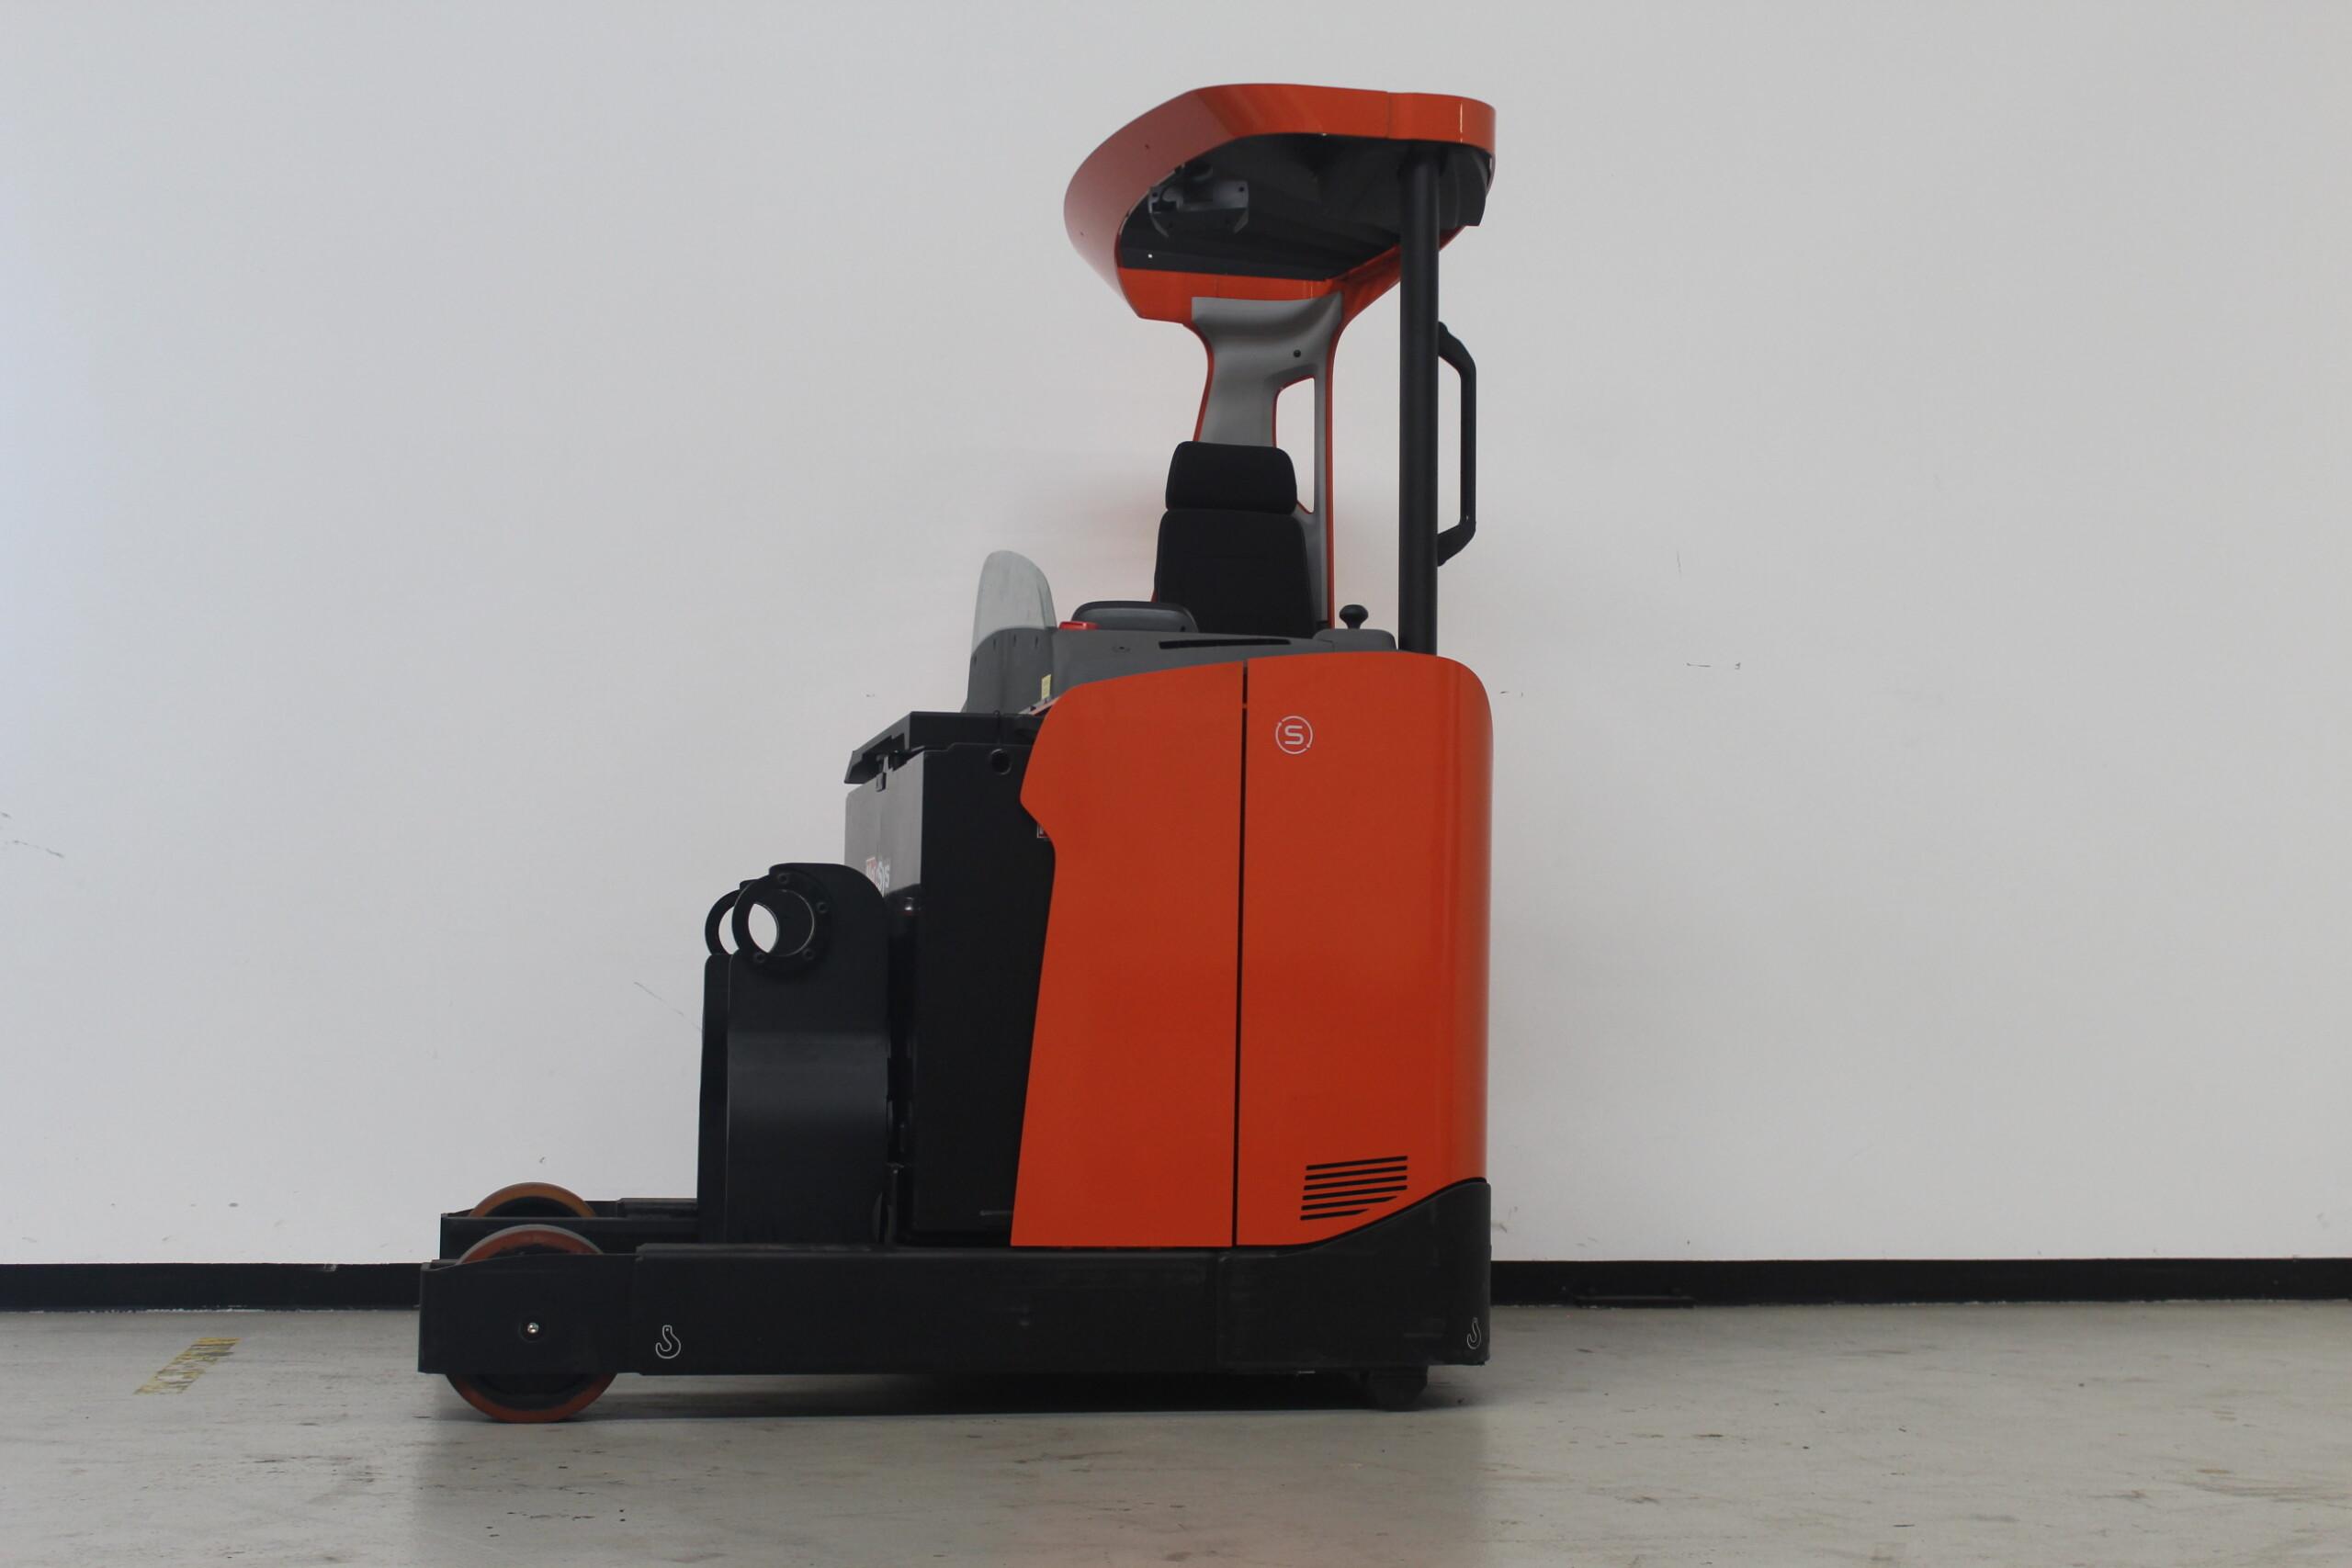 Toyota-Gabelstapler-59840 1907950141 1 10 scaled